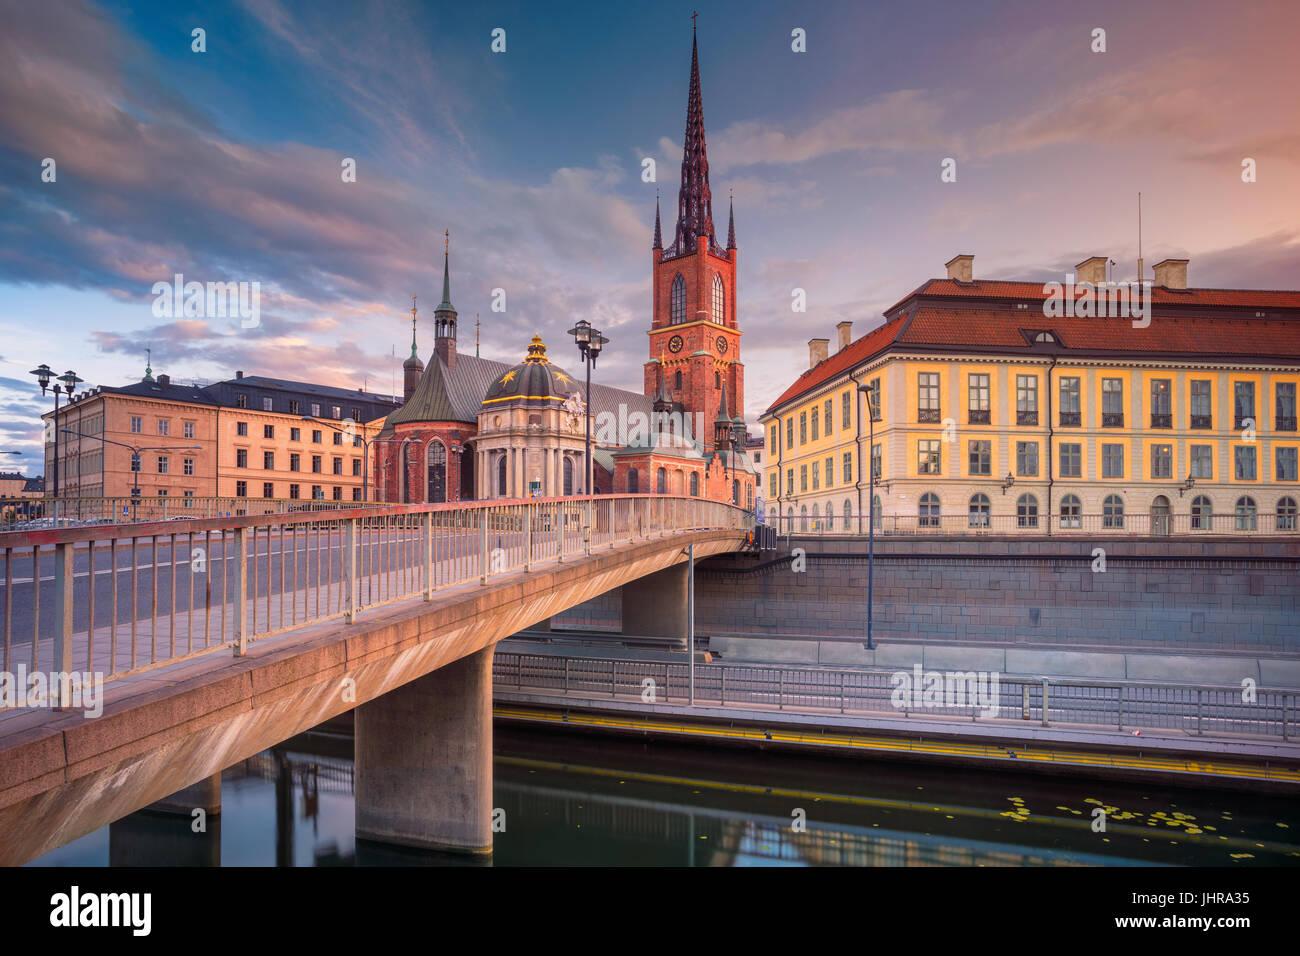 Stoccolma. Immagine della città vecchia di Stoccolma, in Svezia durante il tramonto. Foto Stock